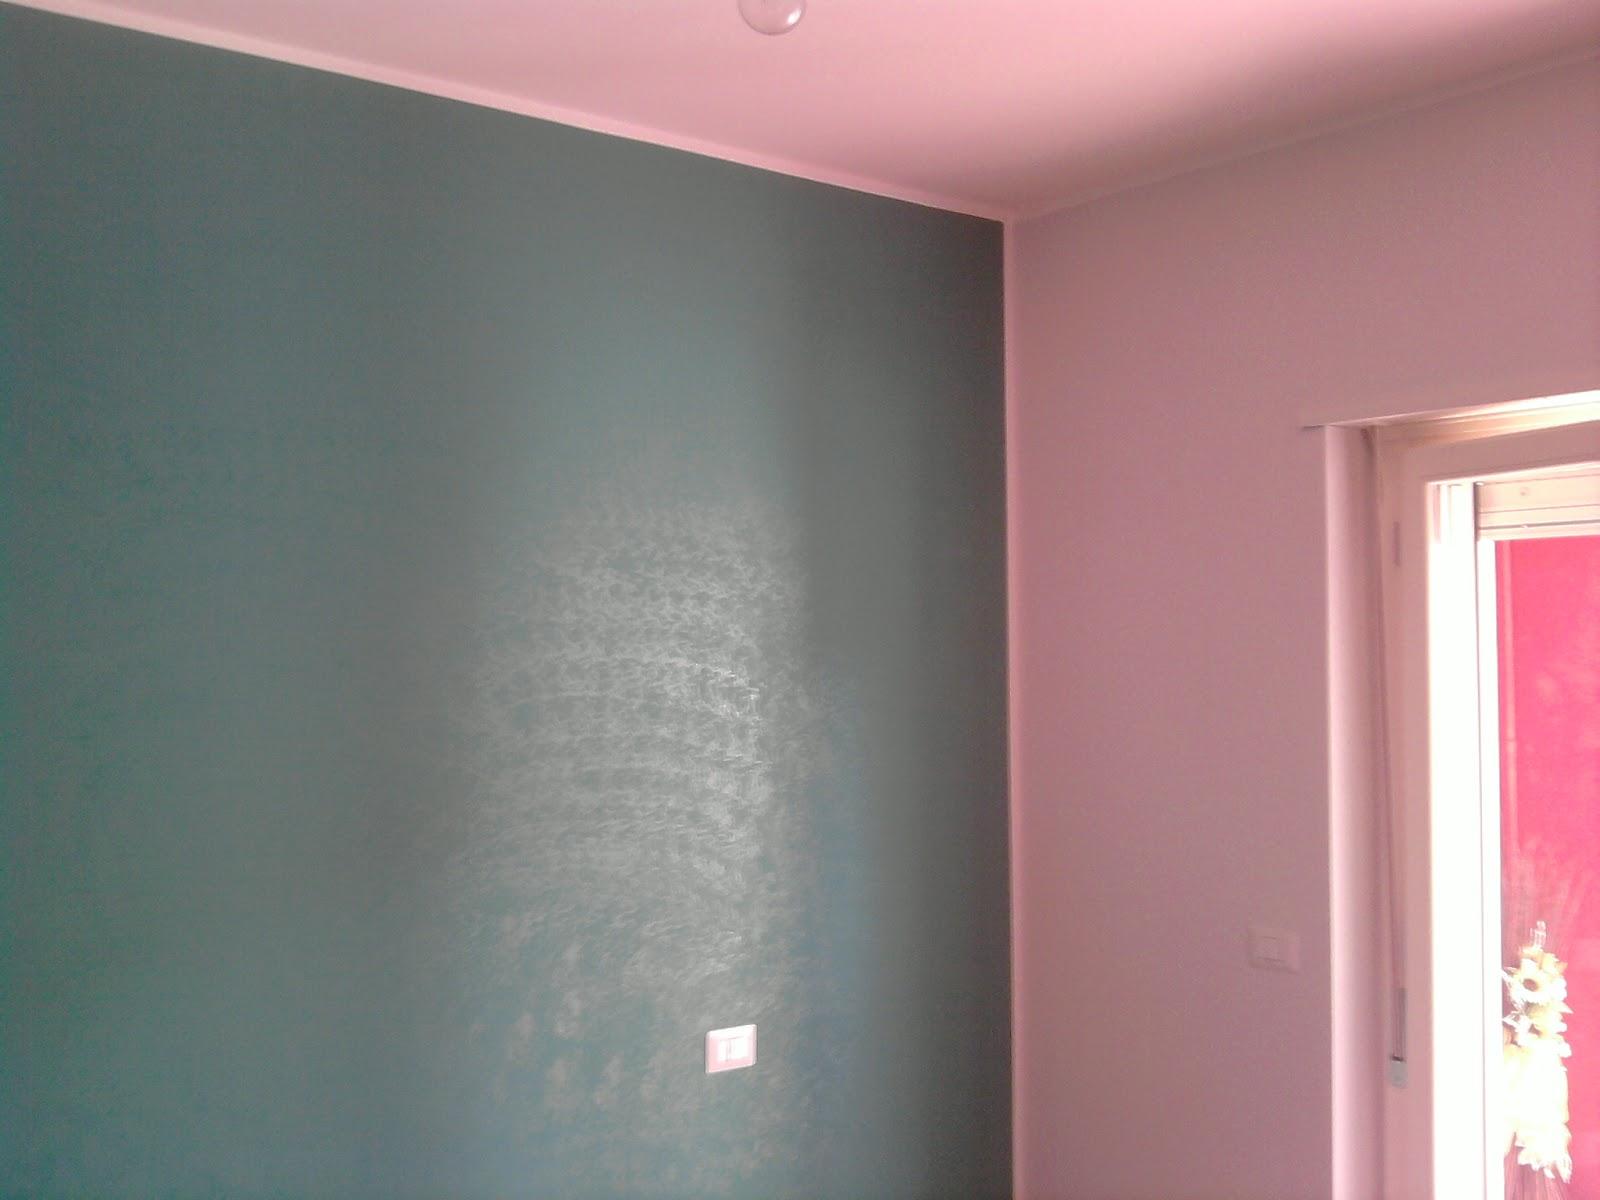 Camere Da Letto Rosa Antico : Duemme pitture edili di max giudici abbinamento di colori rosa